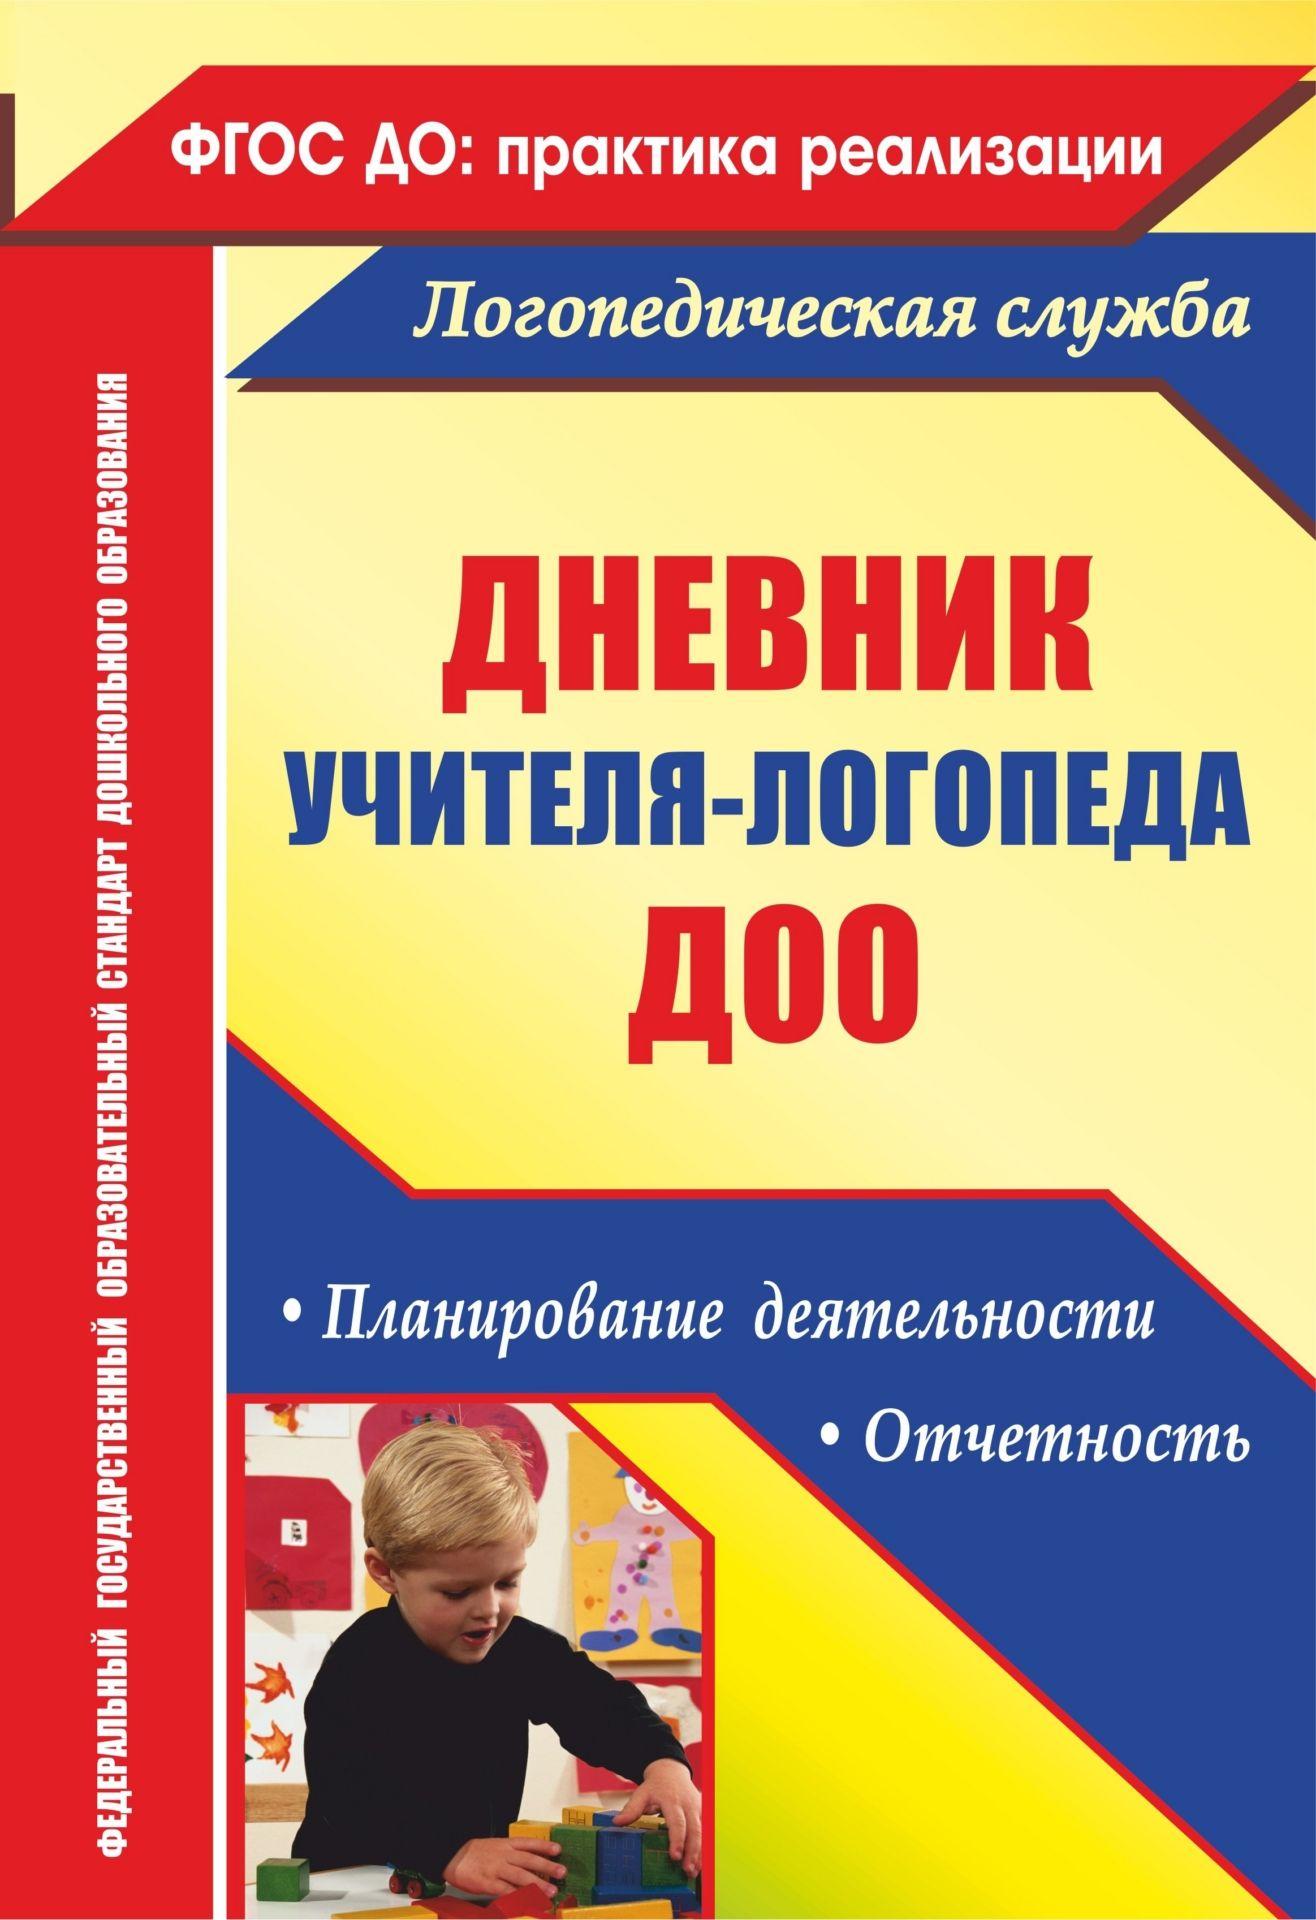 Купить со скидкой Дневник учителя-логопеда ДОУ: планирование деятельности, отчетность